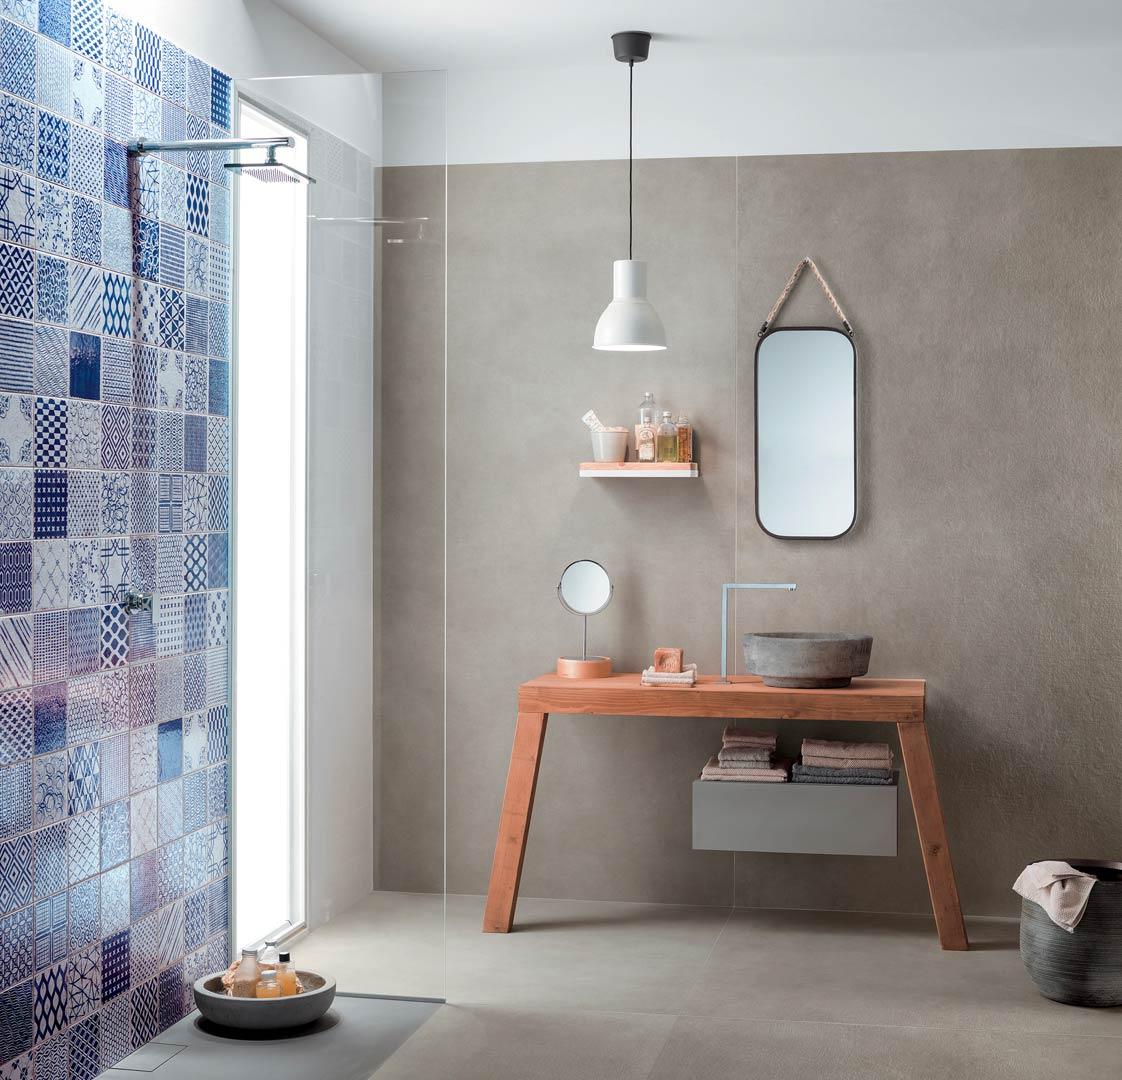 Hmade mirage criver ceramiche - Cementina bagno ...